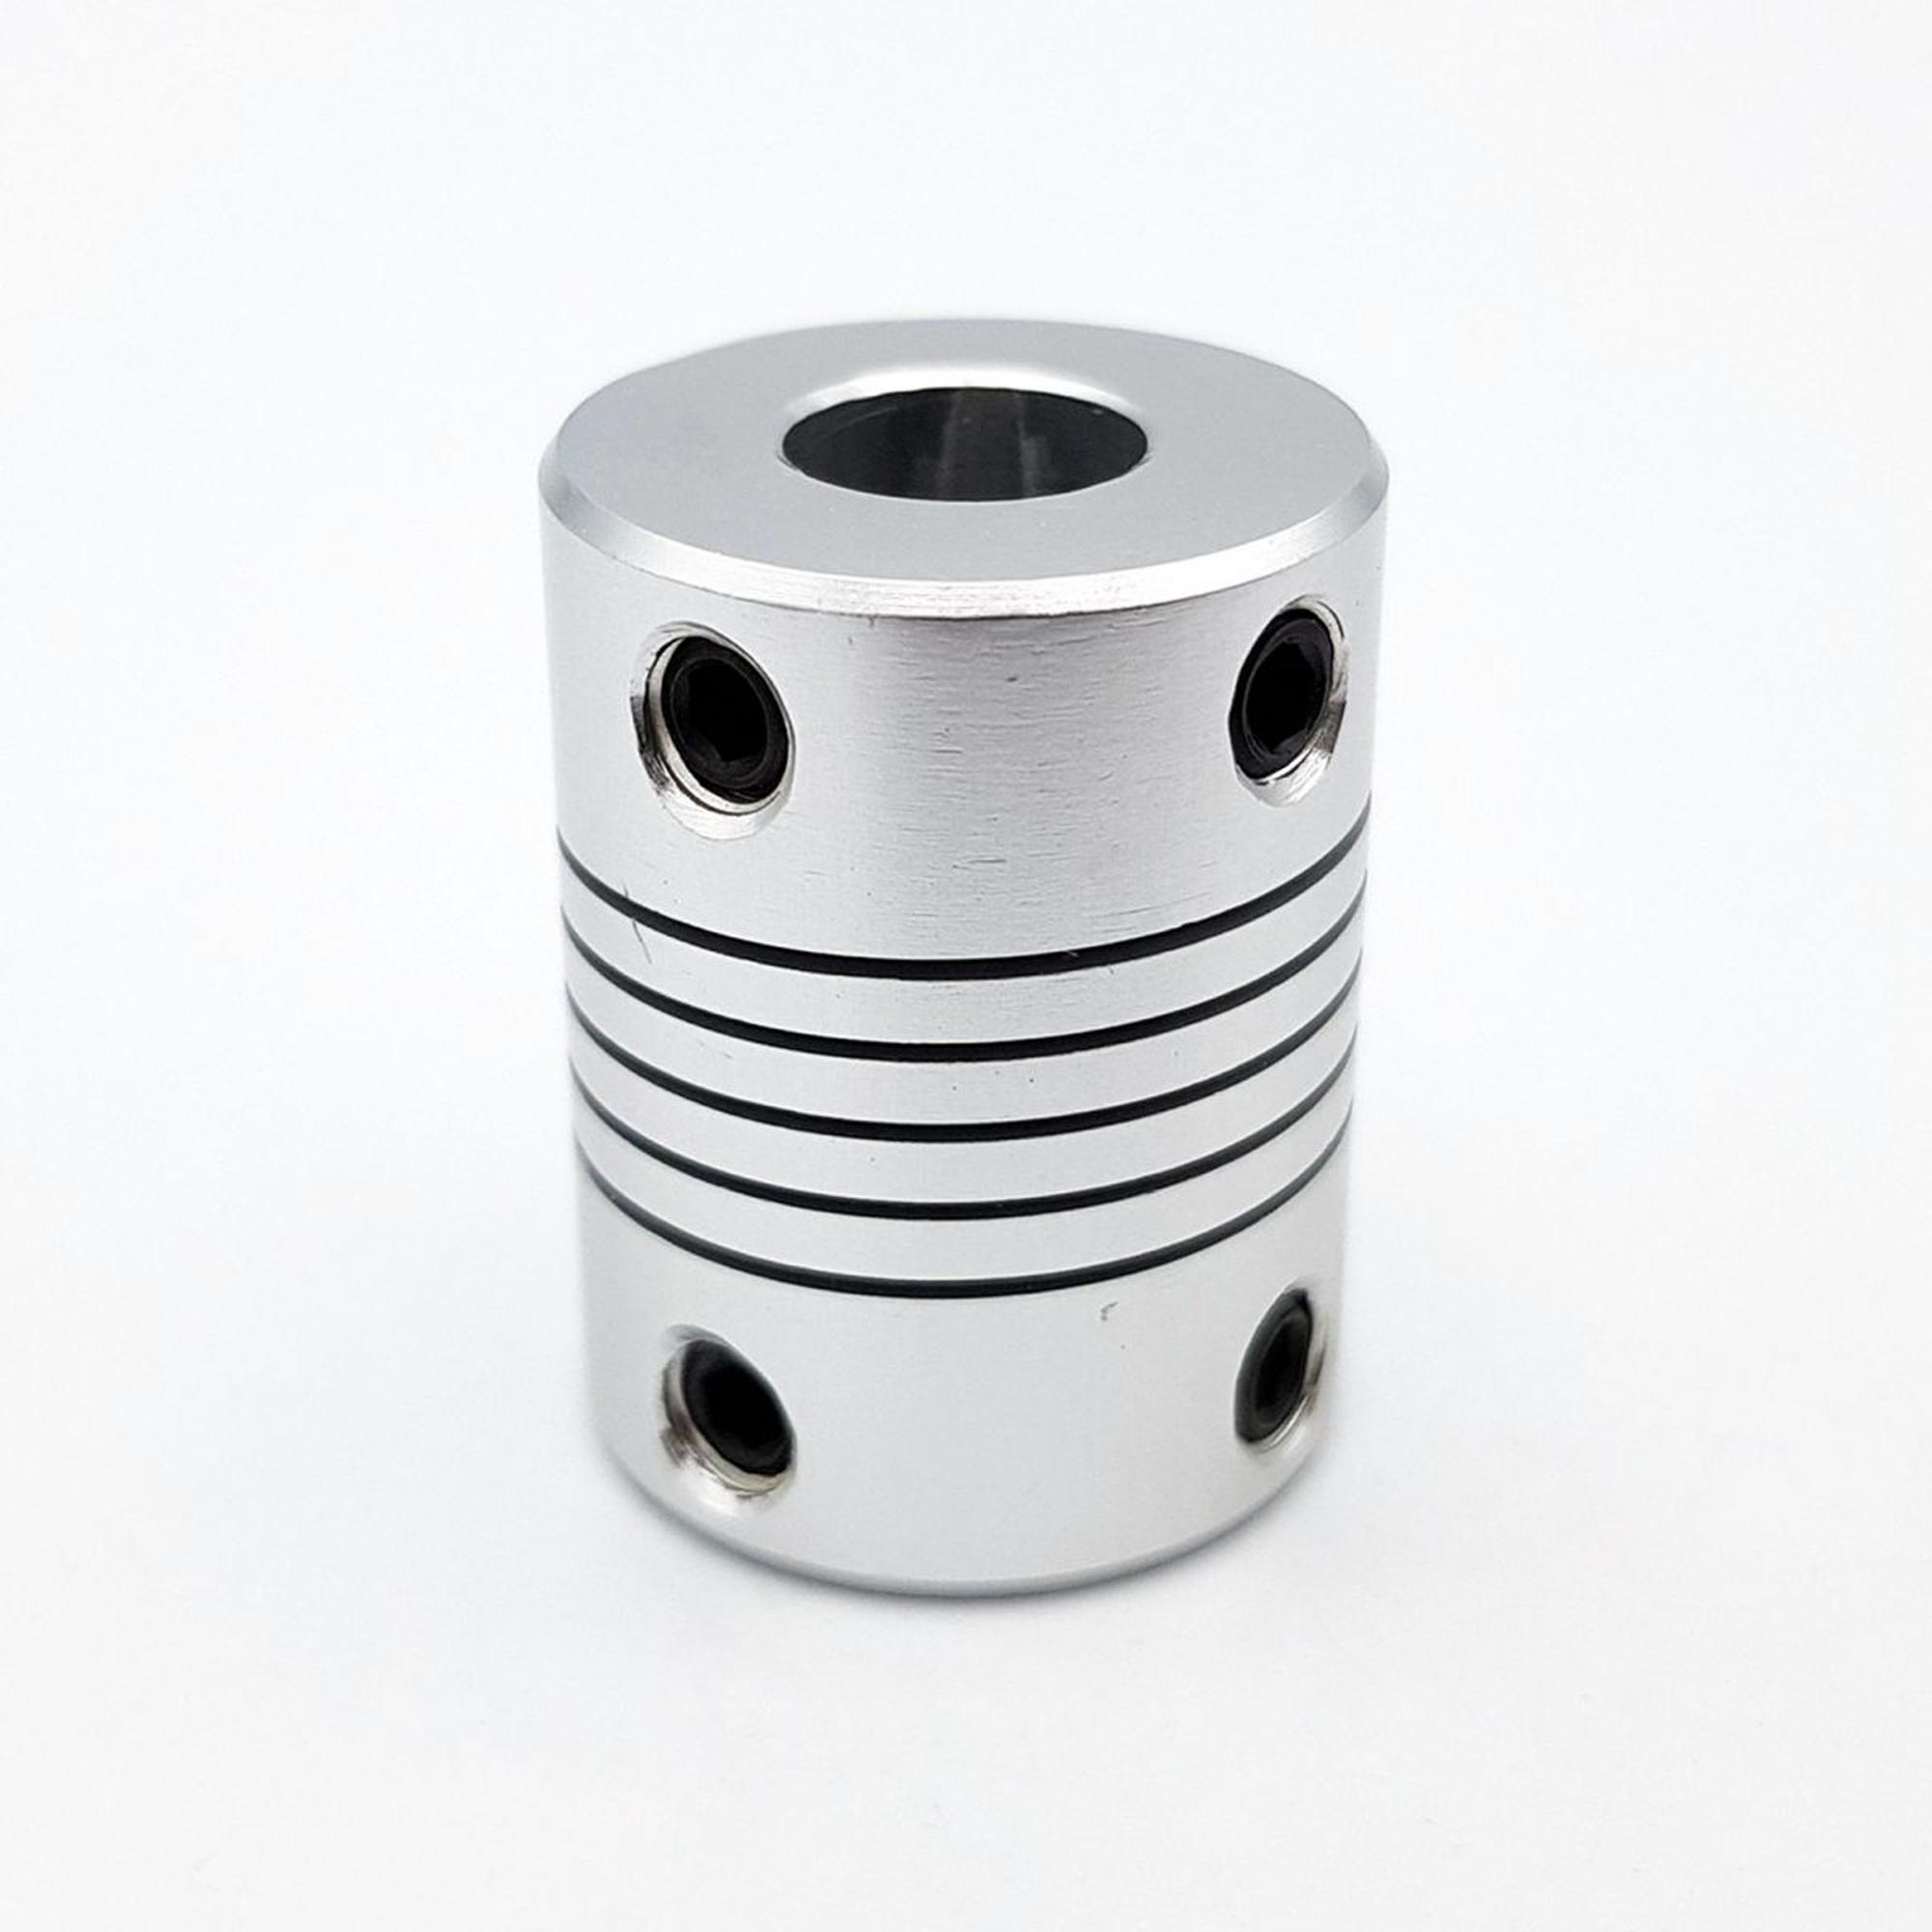 Khớp nối trục mềm hợp kim nhôm